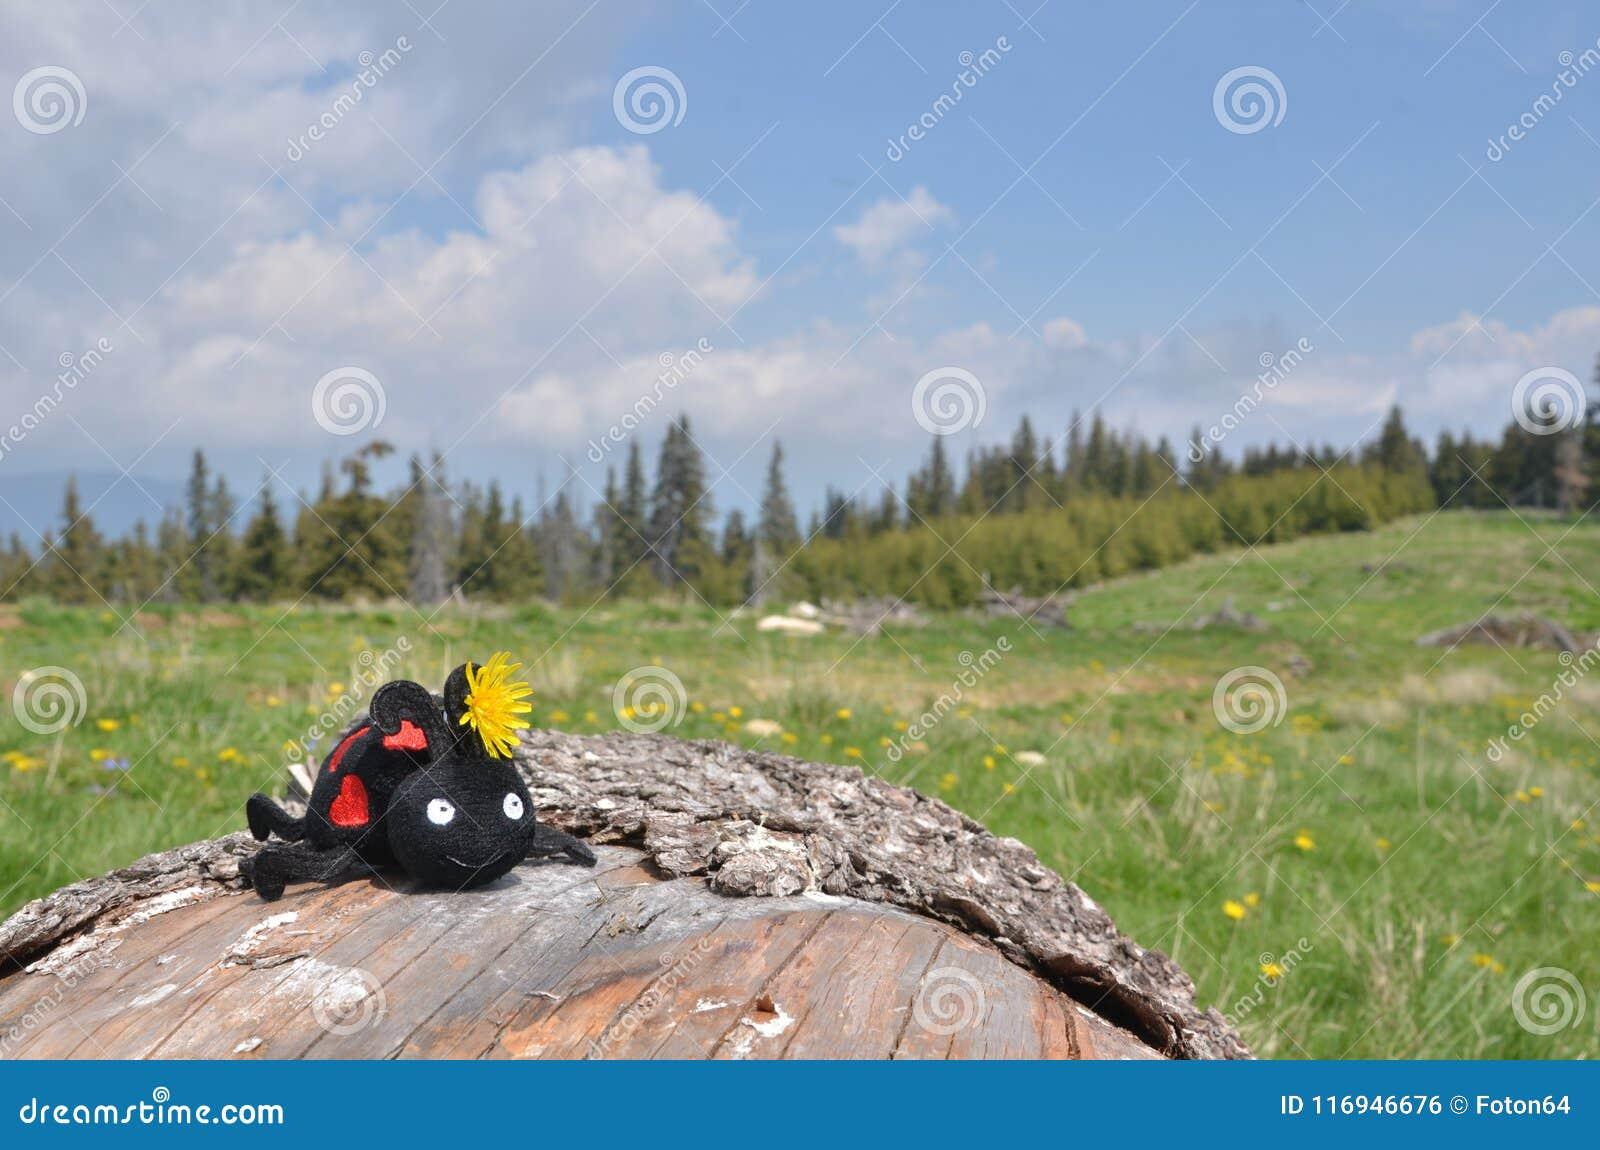 Stuk speelgoed lieveheersbeestje op houten logboek, weide